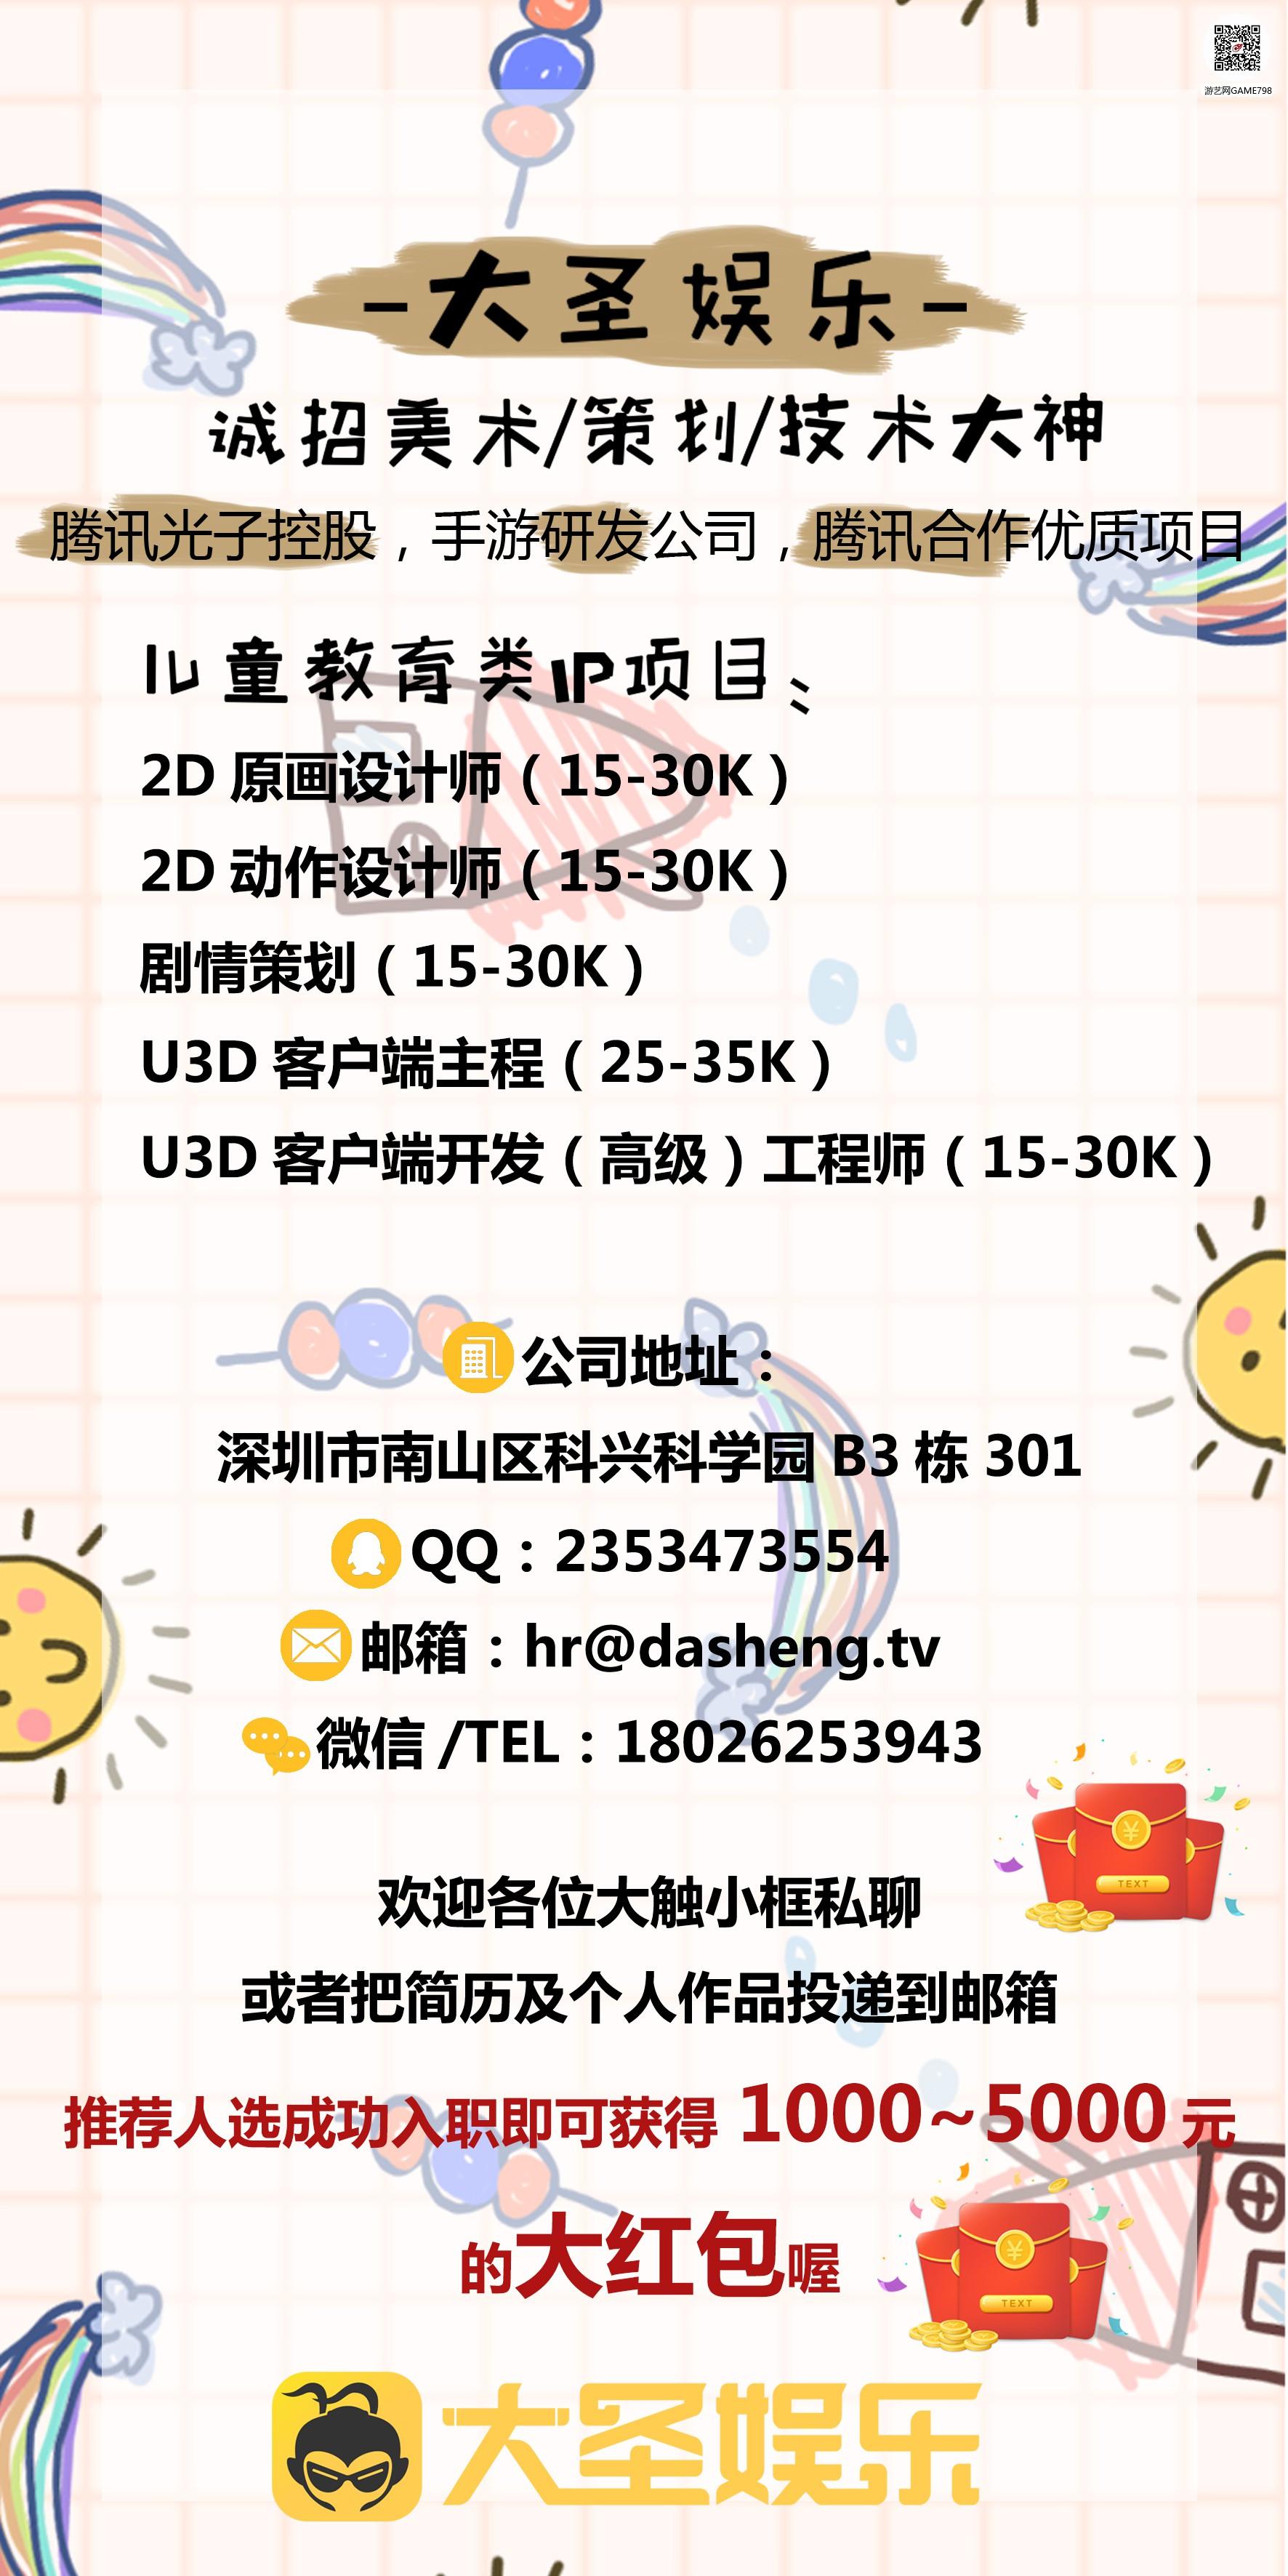 【大圣娱乐】诚招游戏策划-美术-程序:儿童教育类项目.jpg